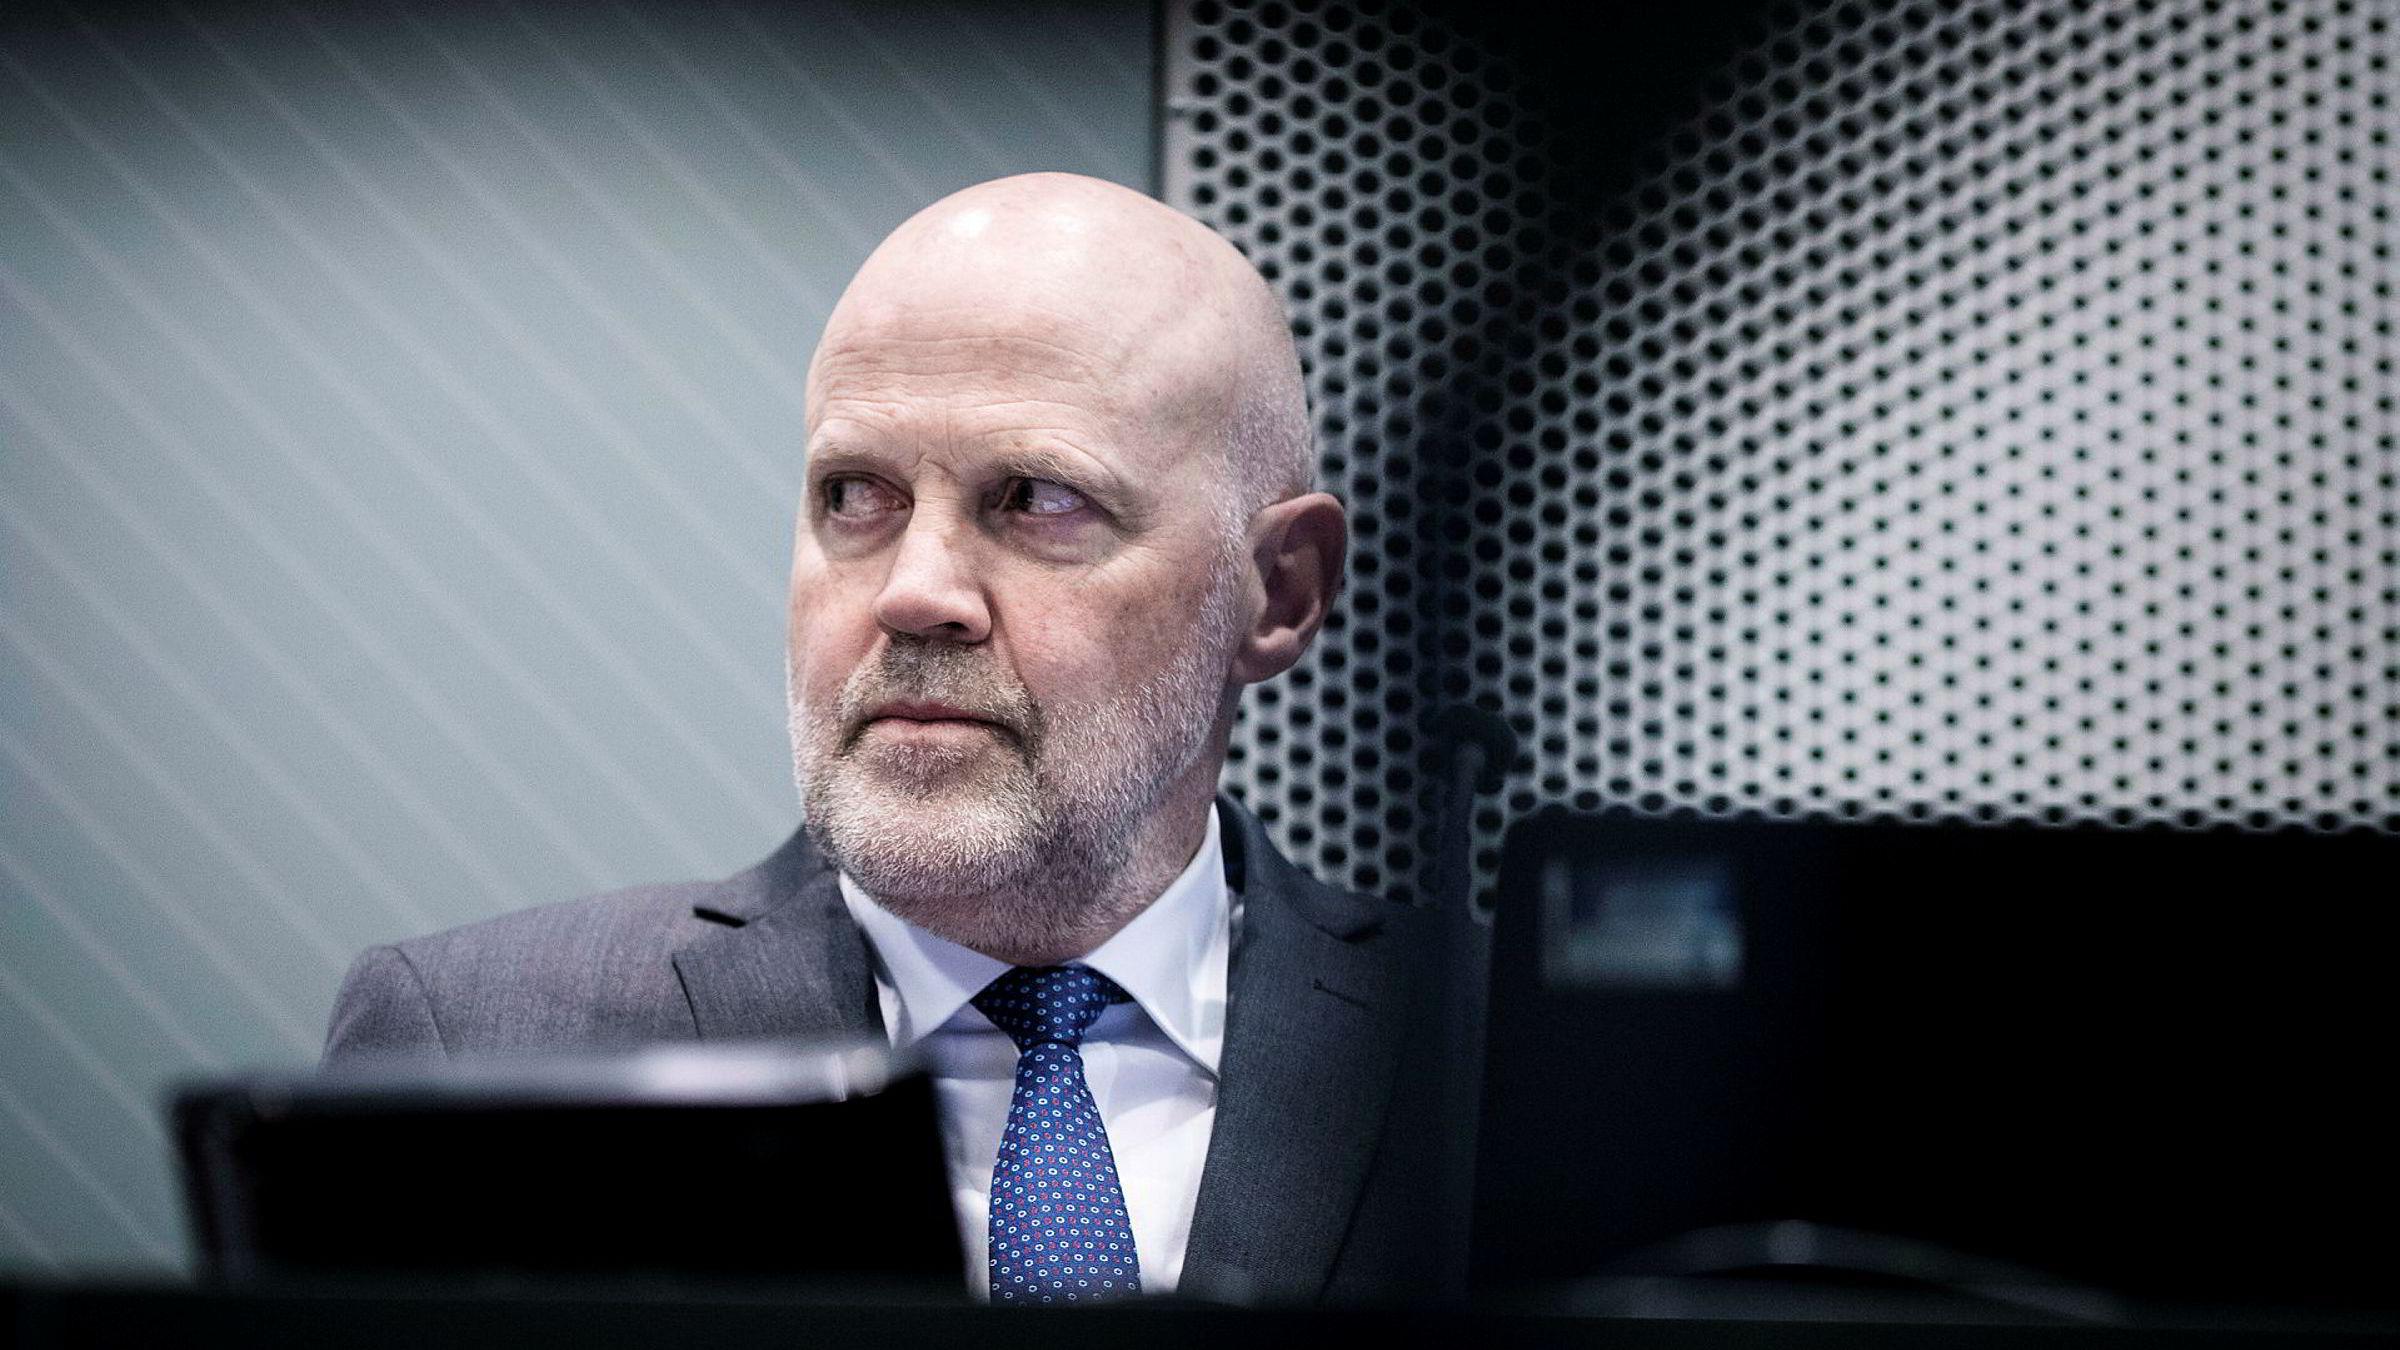 – Norske husholdninger har fortsatt en høy gjeldsvekst og dette utgjør en stor bekymring, sier Finanstilsynsdirektør Morten Baltzersen.